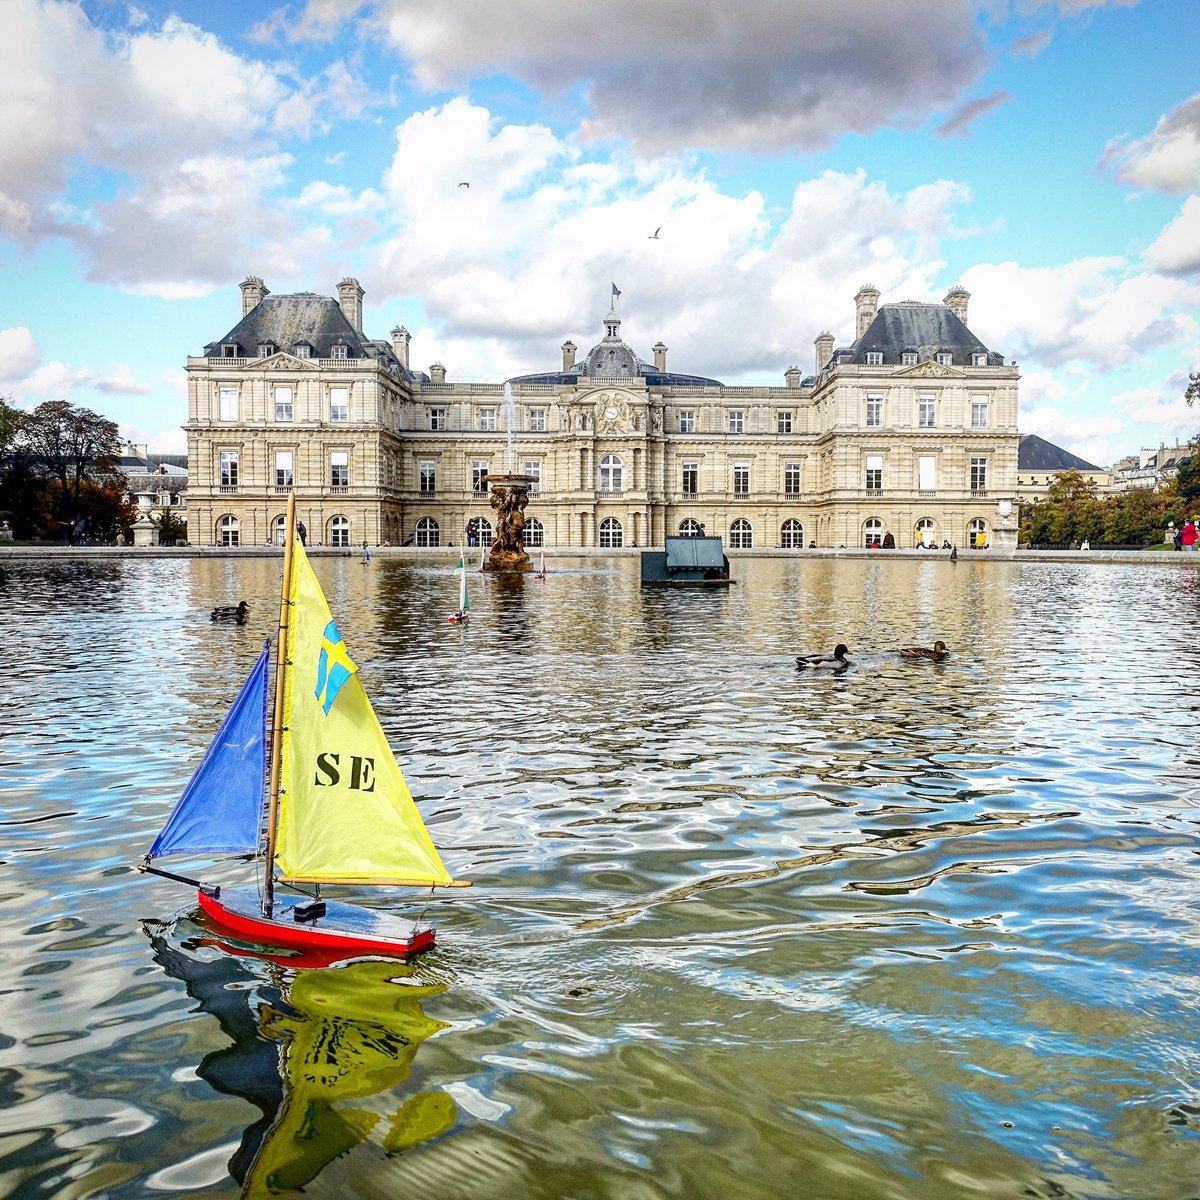 Au jardin du Luxembourg, petits bateaux, nostalgie d'enfance face au palais du Sénat - Paris 6  #parisladouce #paris #pariscartepostale #parisjetaime #cityguide #pariscityguide #paris6 #jardinduluxembourg #streetsofparis #thisisparis #parismaville #saintgermaindespres